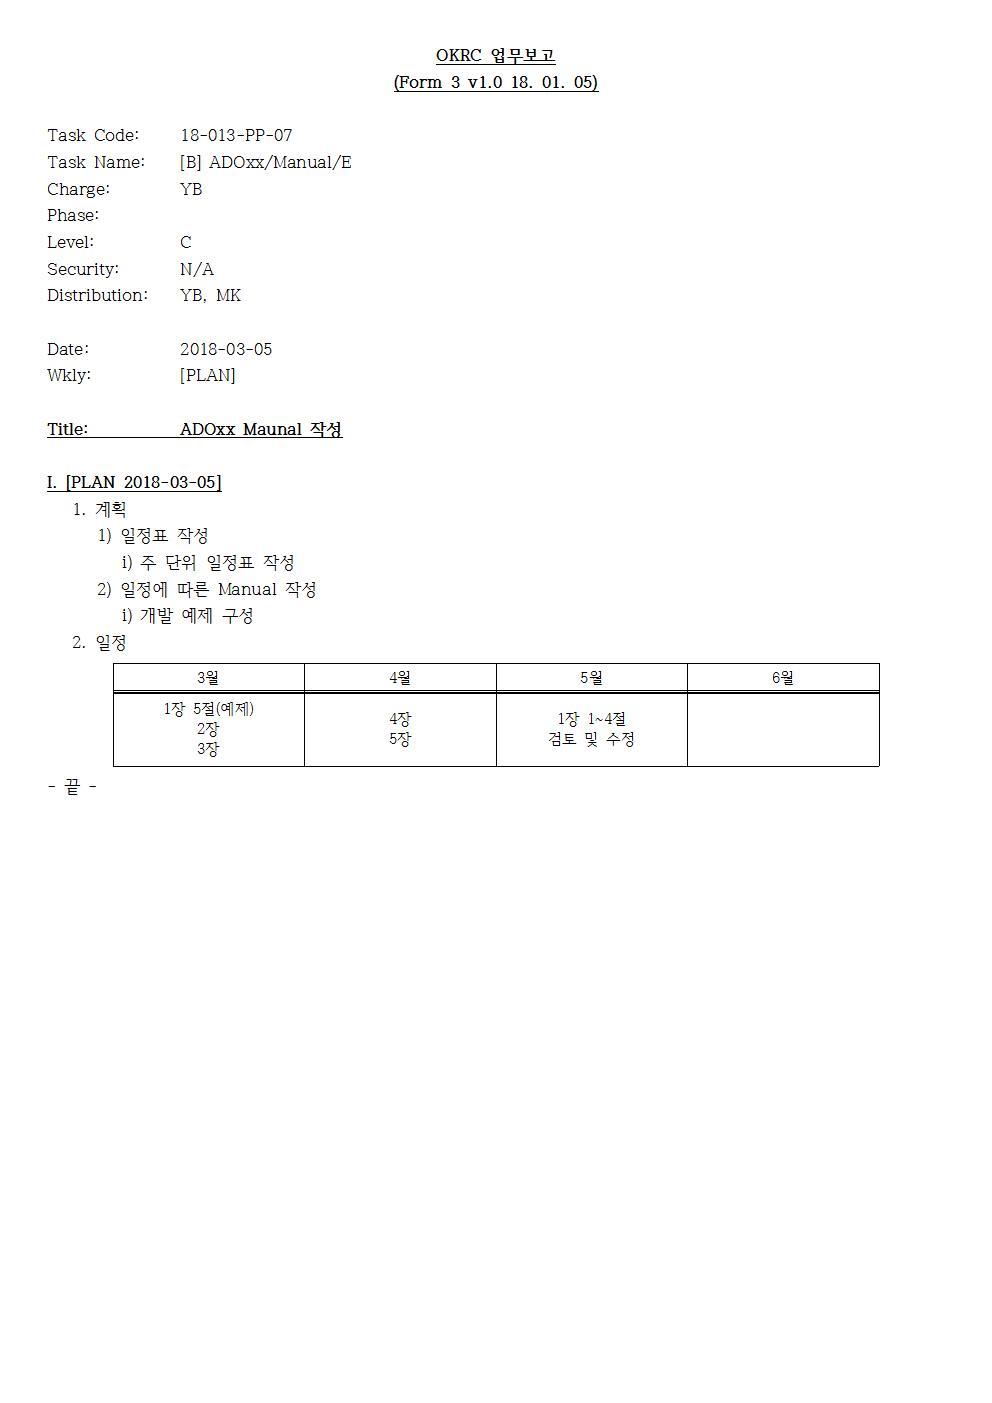 D-[18-013-PP-07]-[ADOxx Maunal E]-[2018-03-05][YB]001.jpg